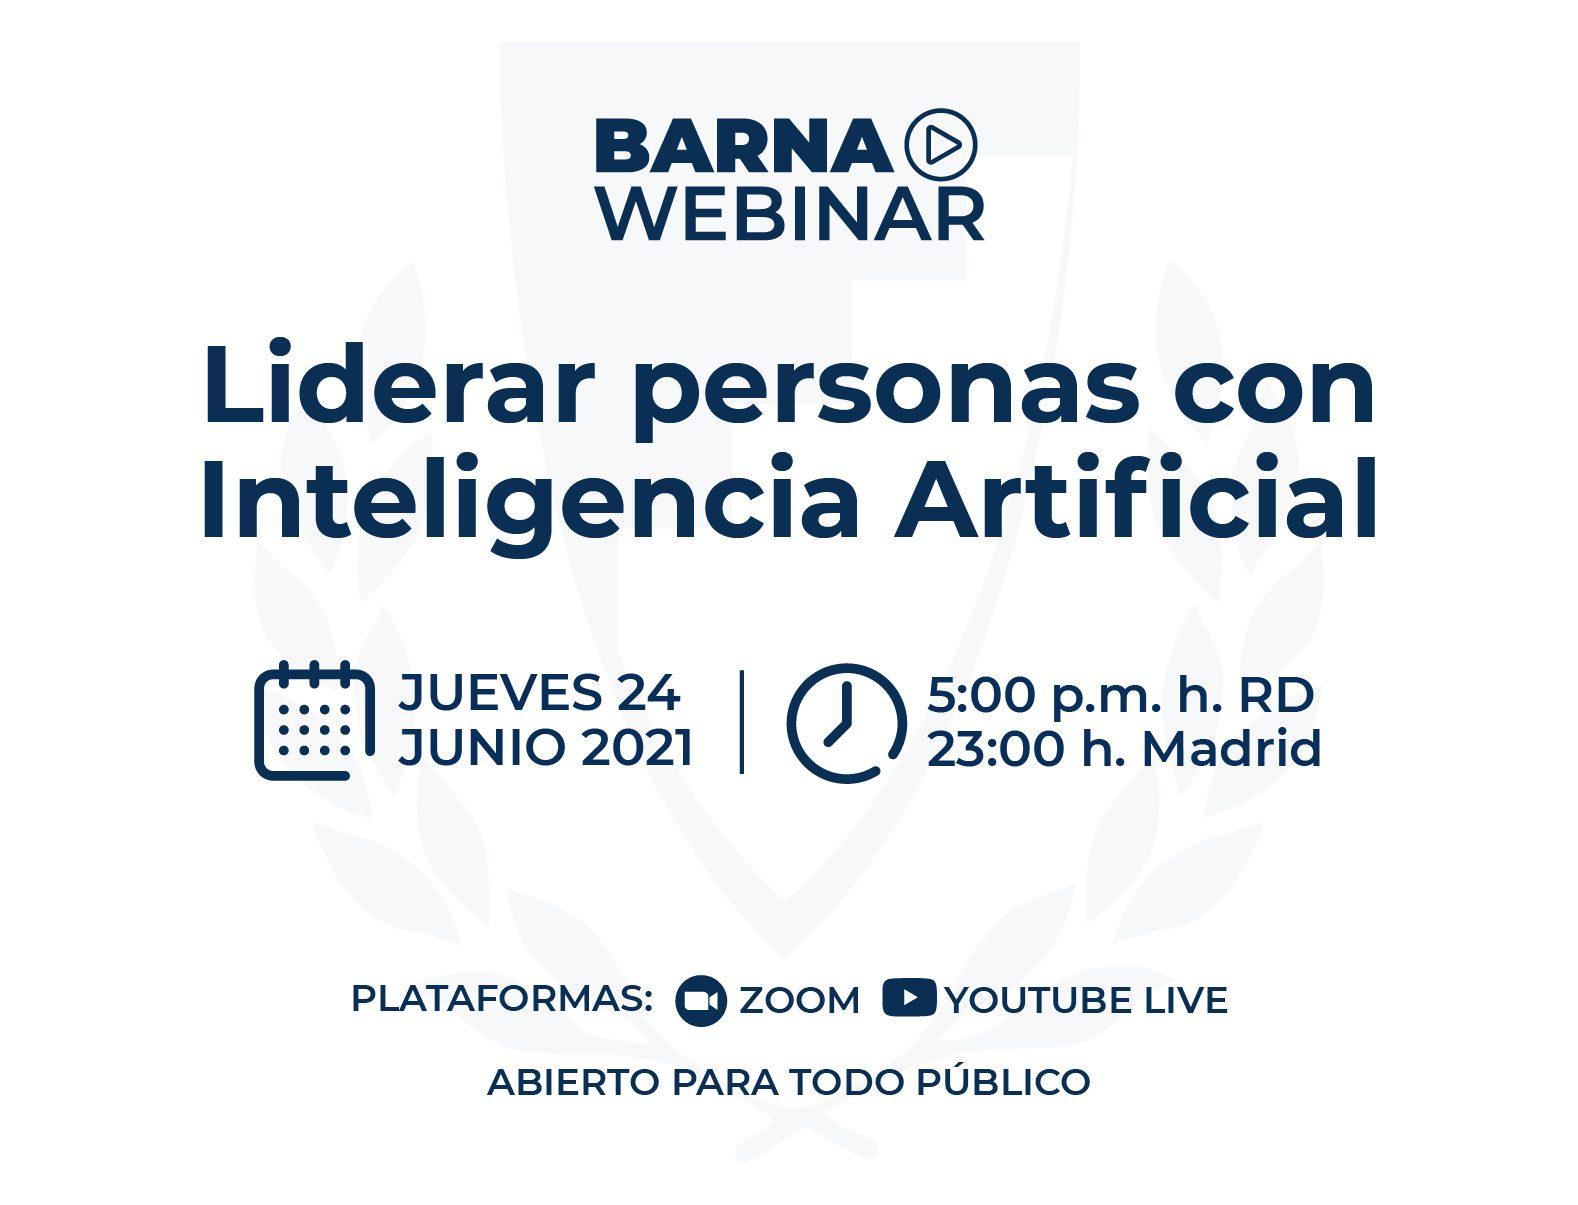 Webinar: Liderar personas con Inteligencia Artificial